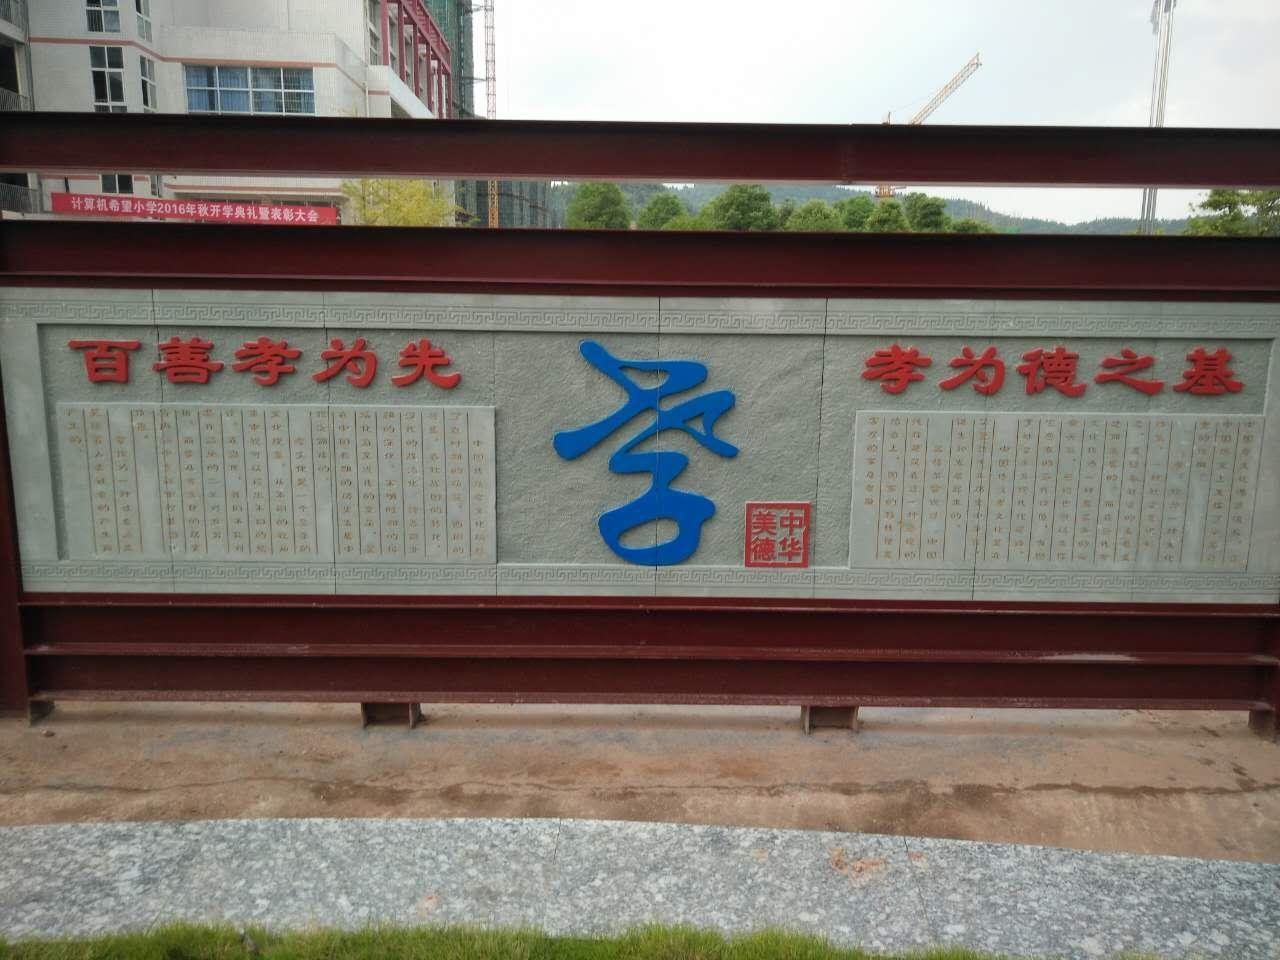 校园文字雕塑